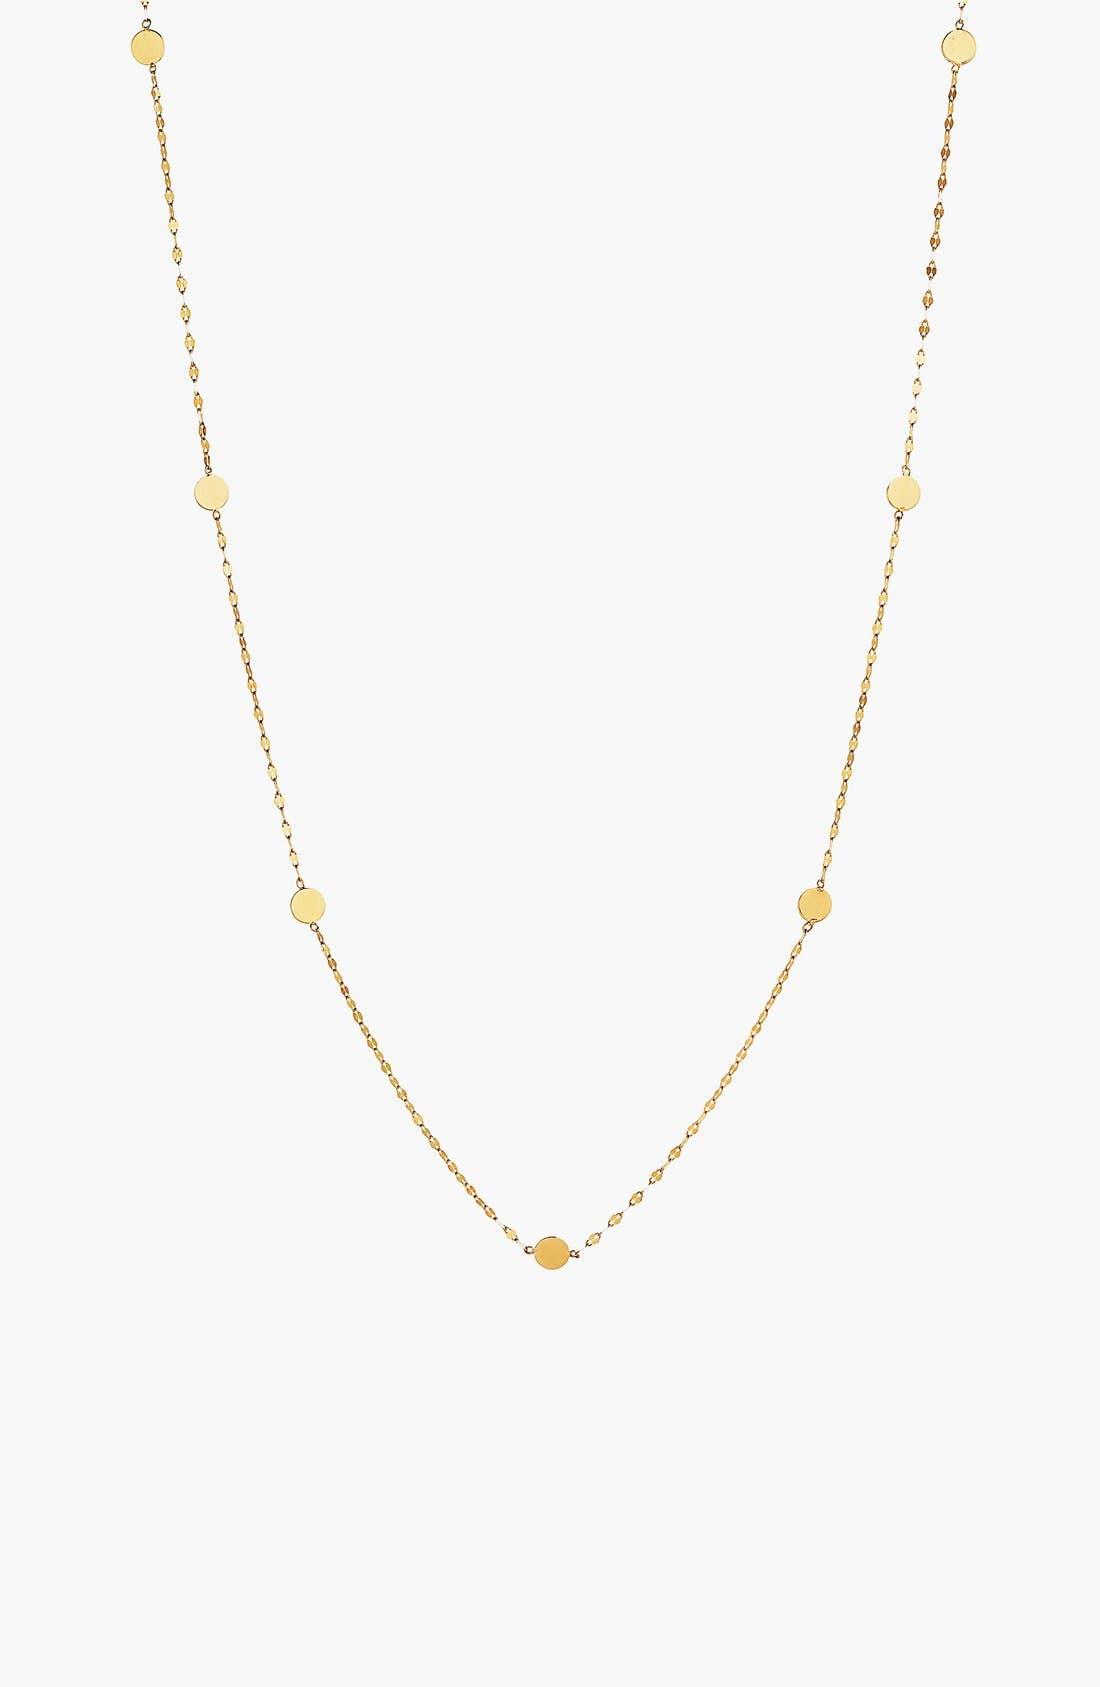 Lana Jewelry 'Ombré' Disc Station Necklace